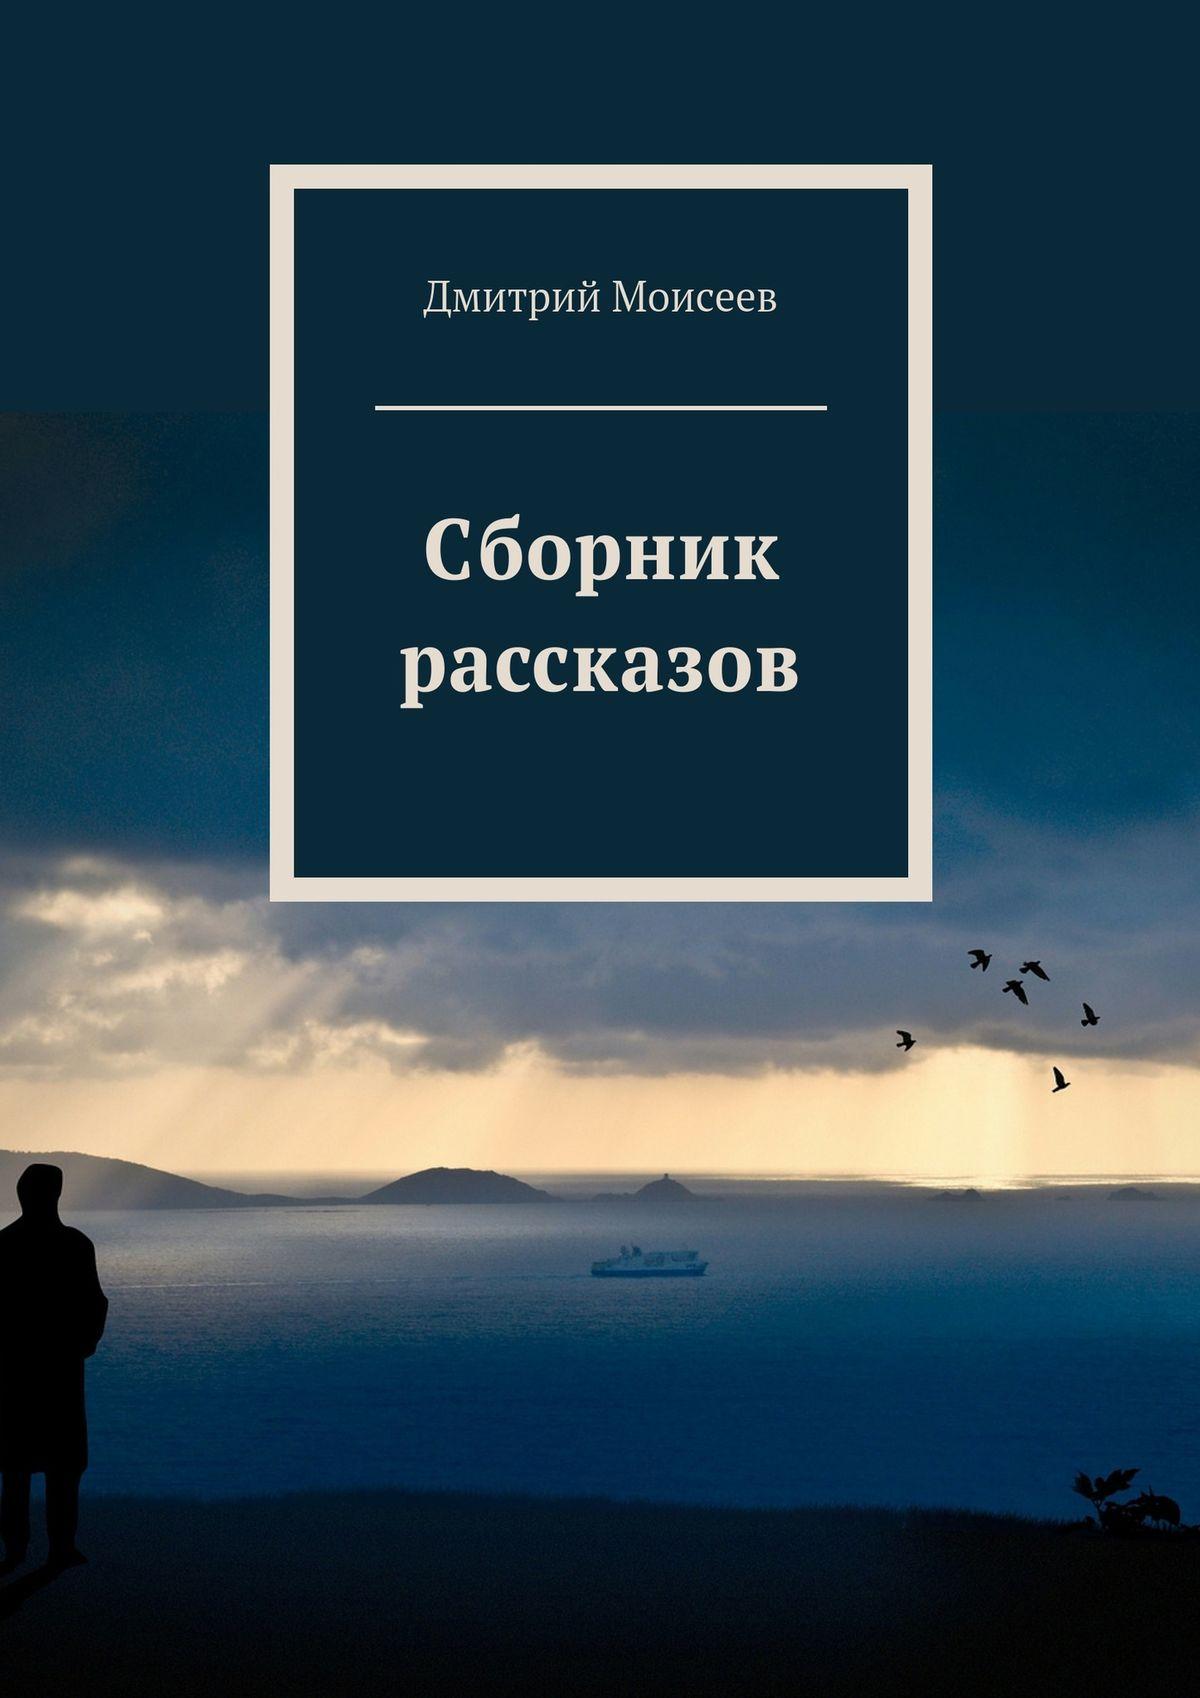 Дмитрий Моисеев Сборник рассказов дмитрий моисеев сборник рассказов